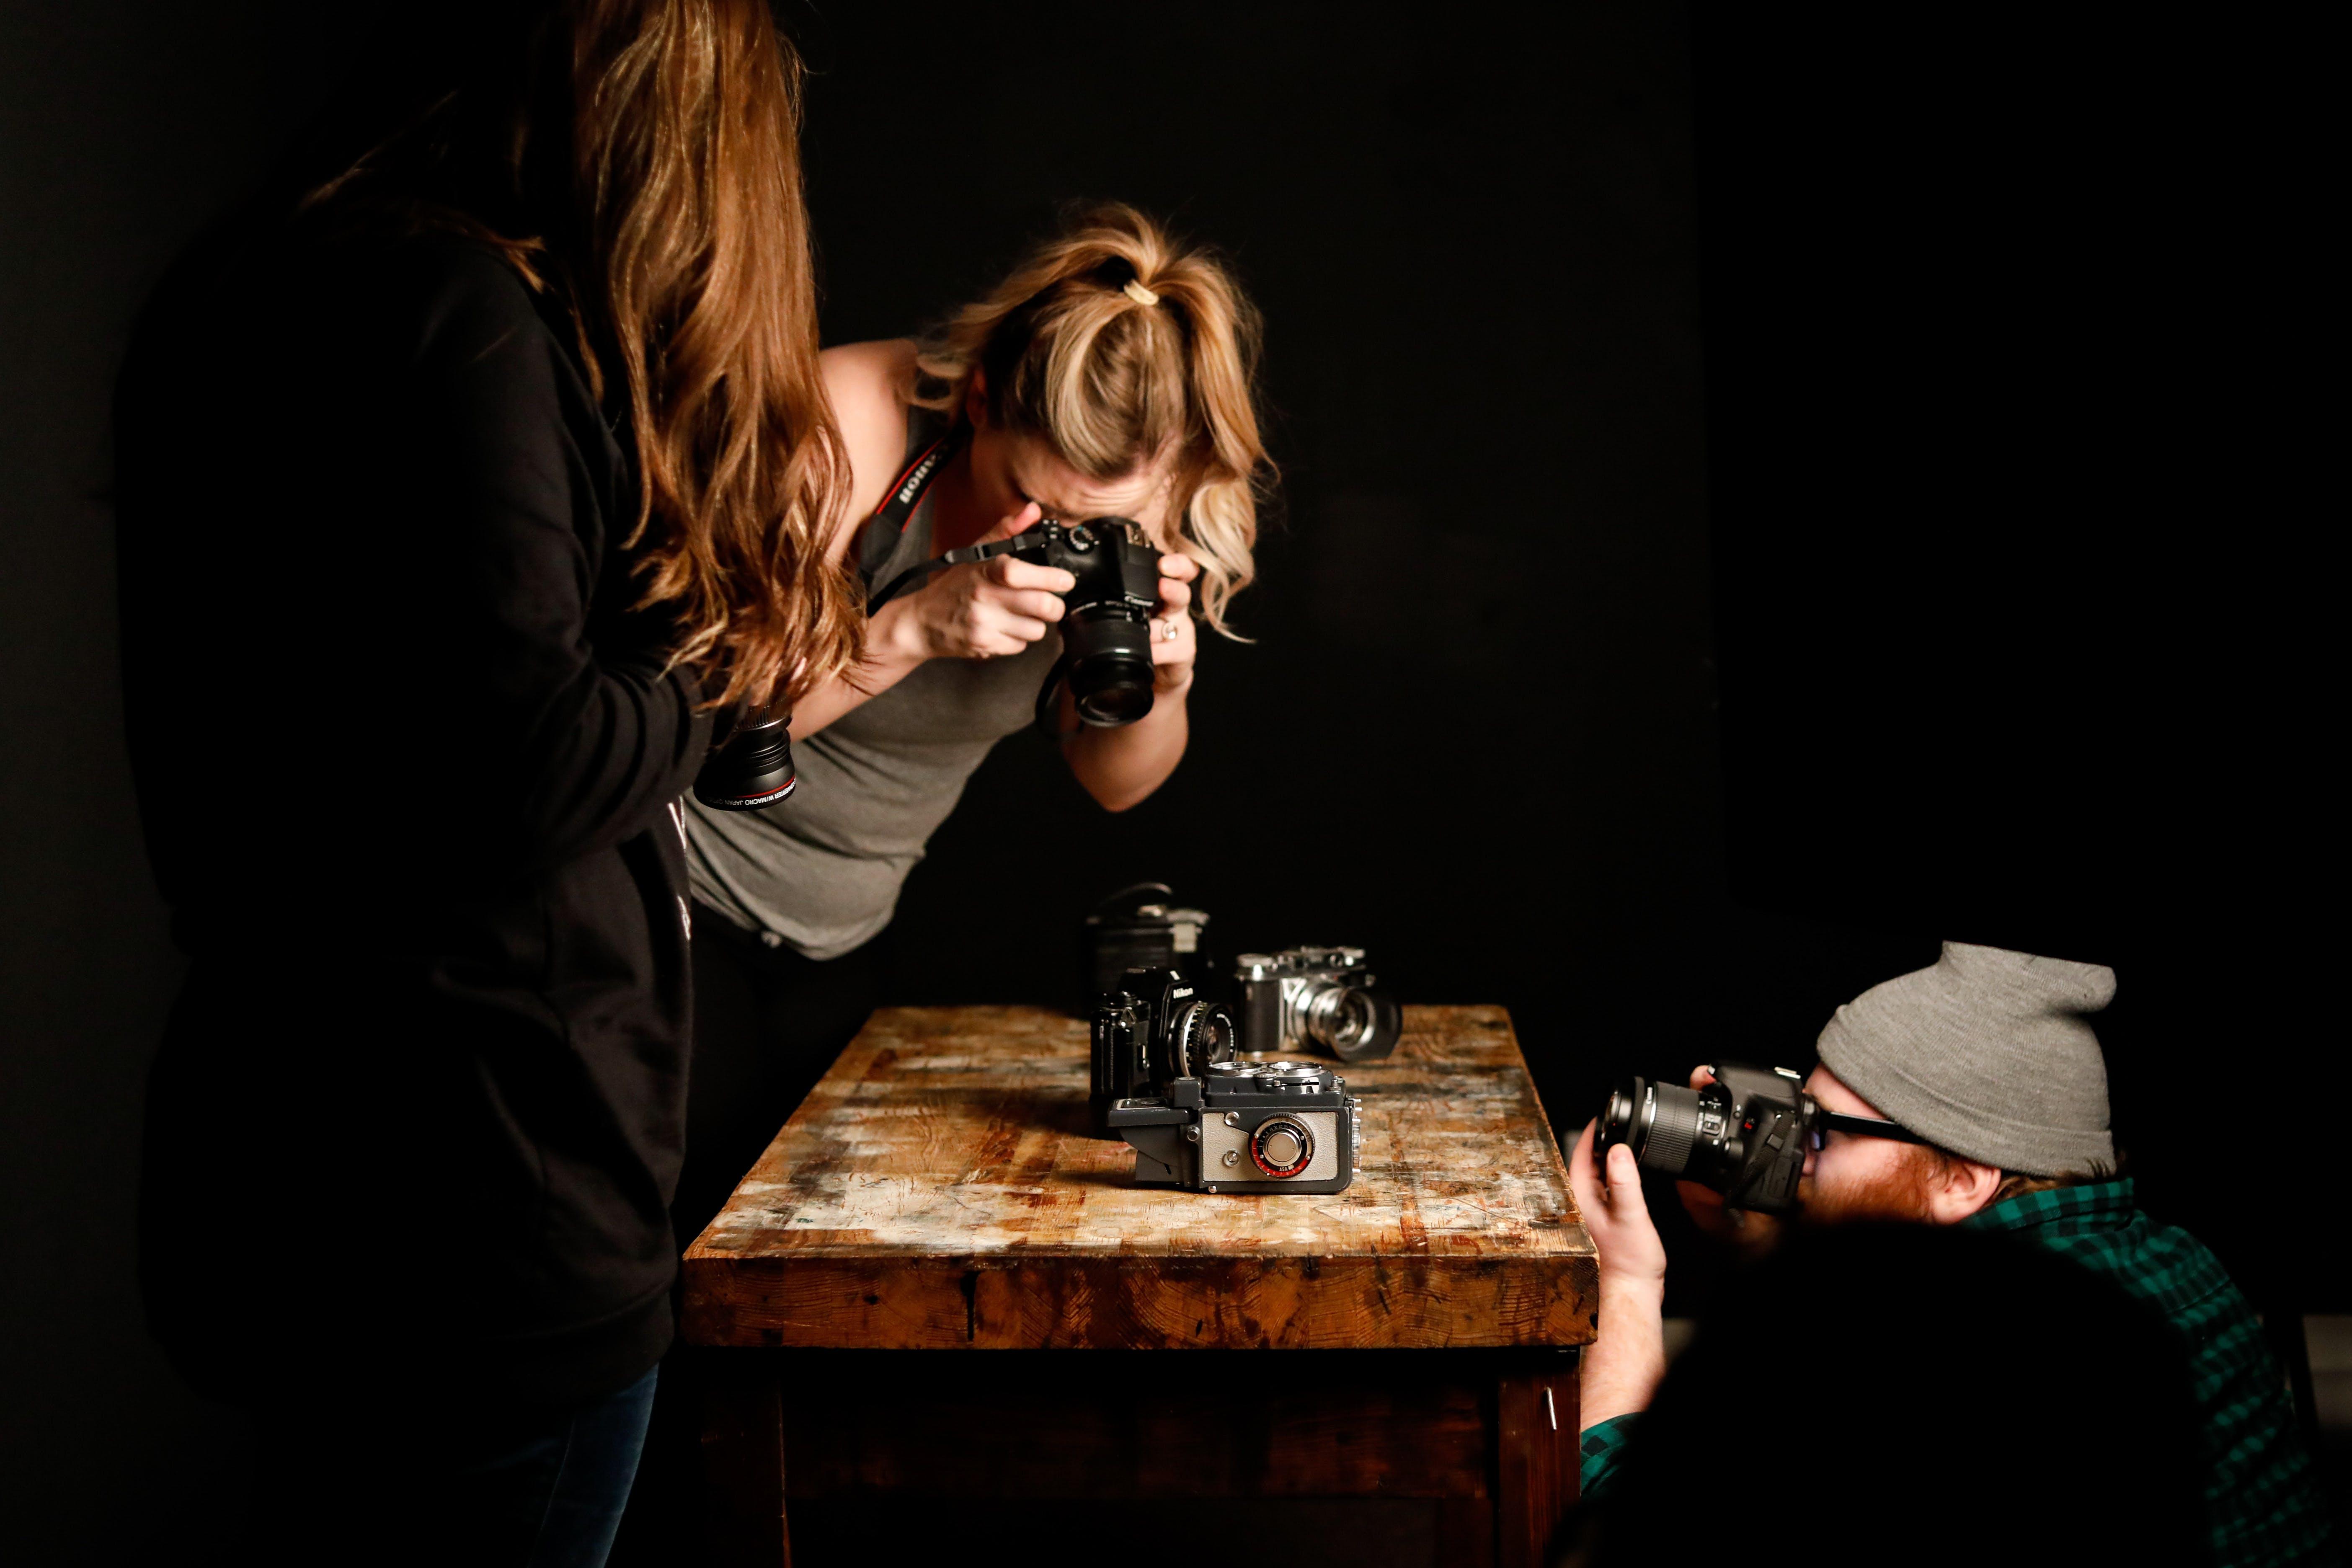 Δωρεάν στοκ φωτογραφιών με vintage, vintage φωτογραφική μηχανή, αιχμαλωτίζω, άνδρας